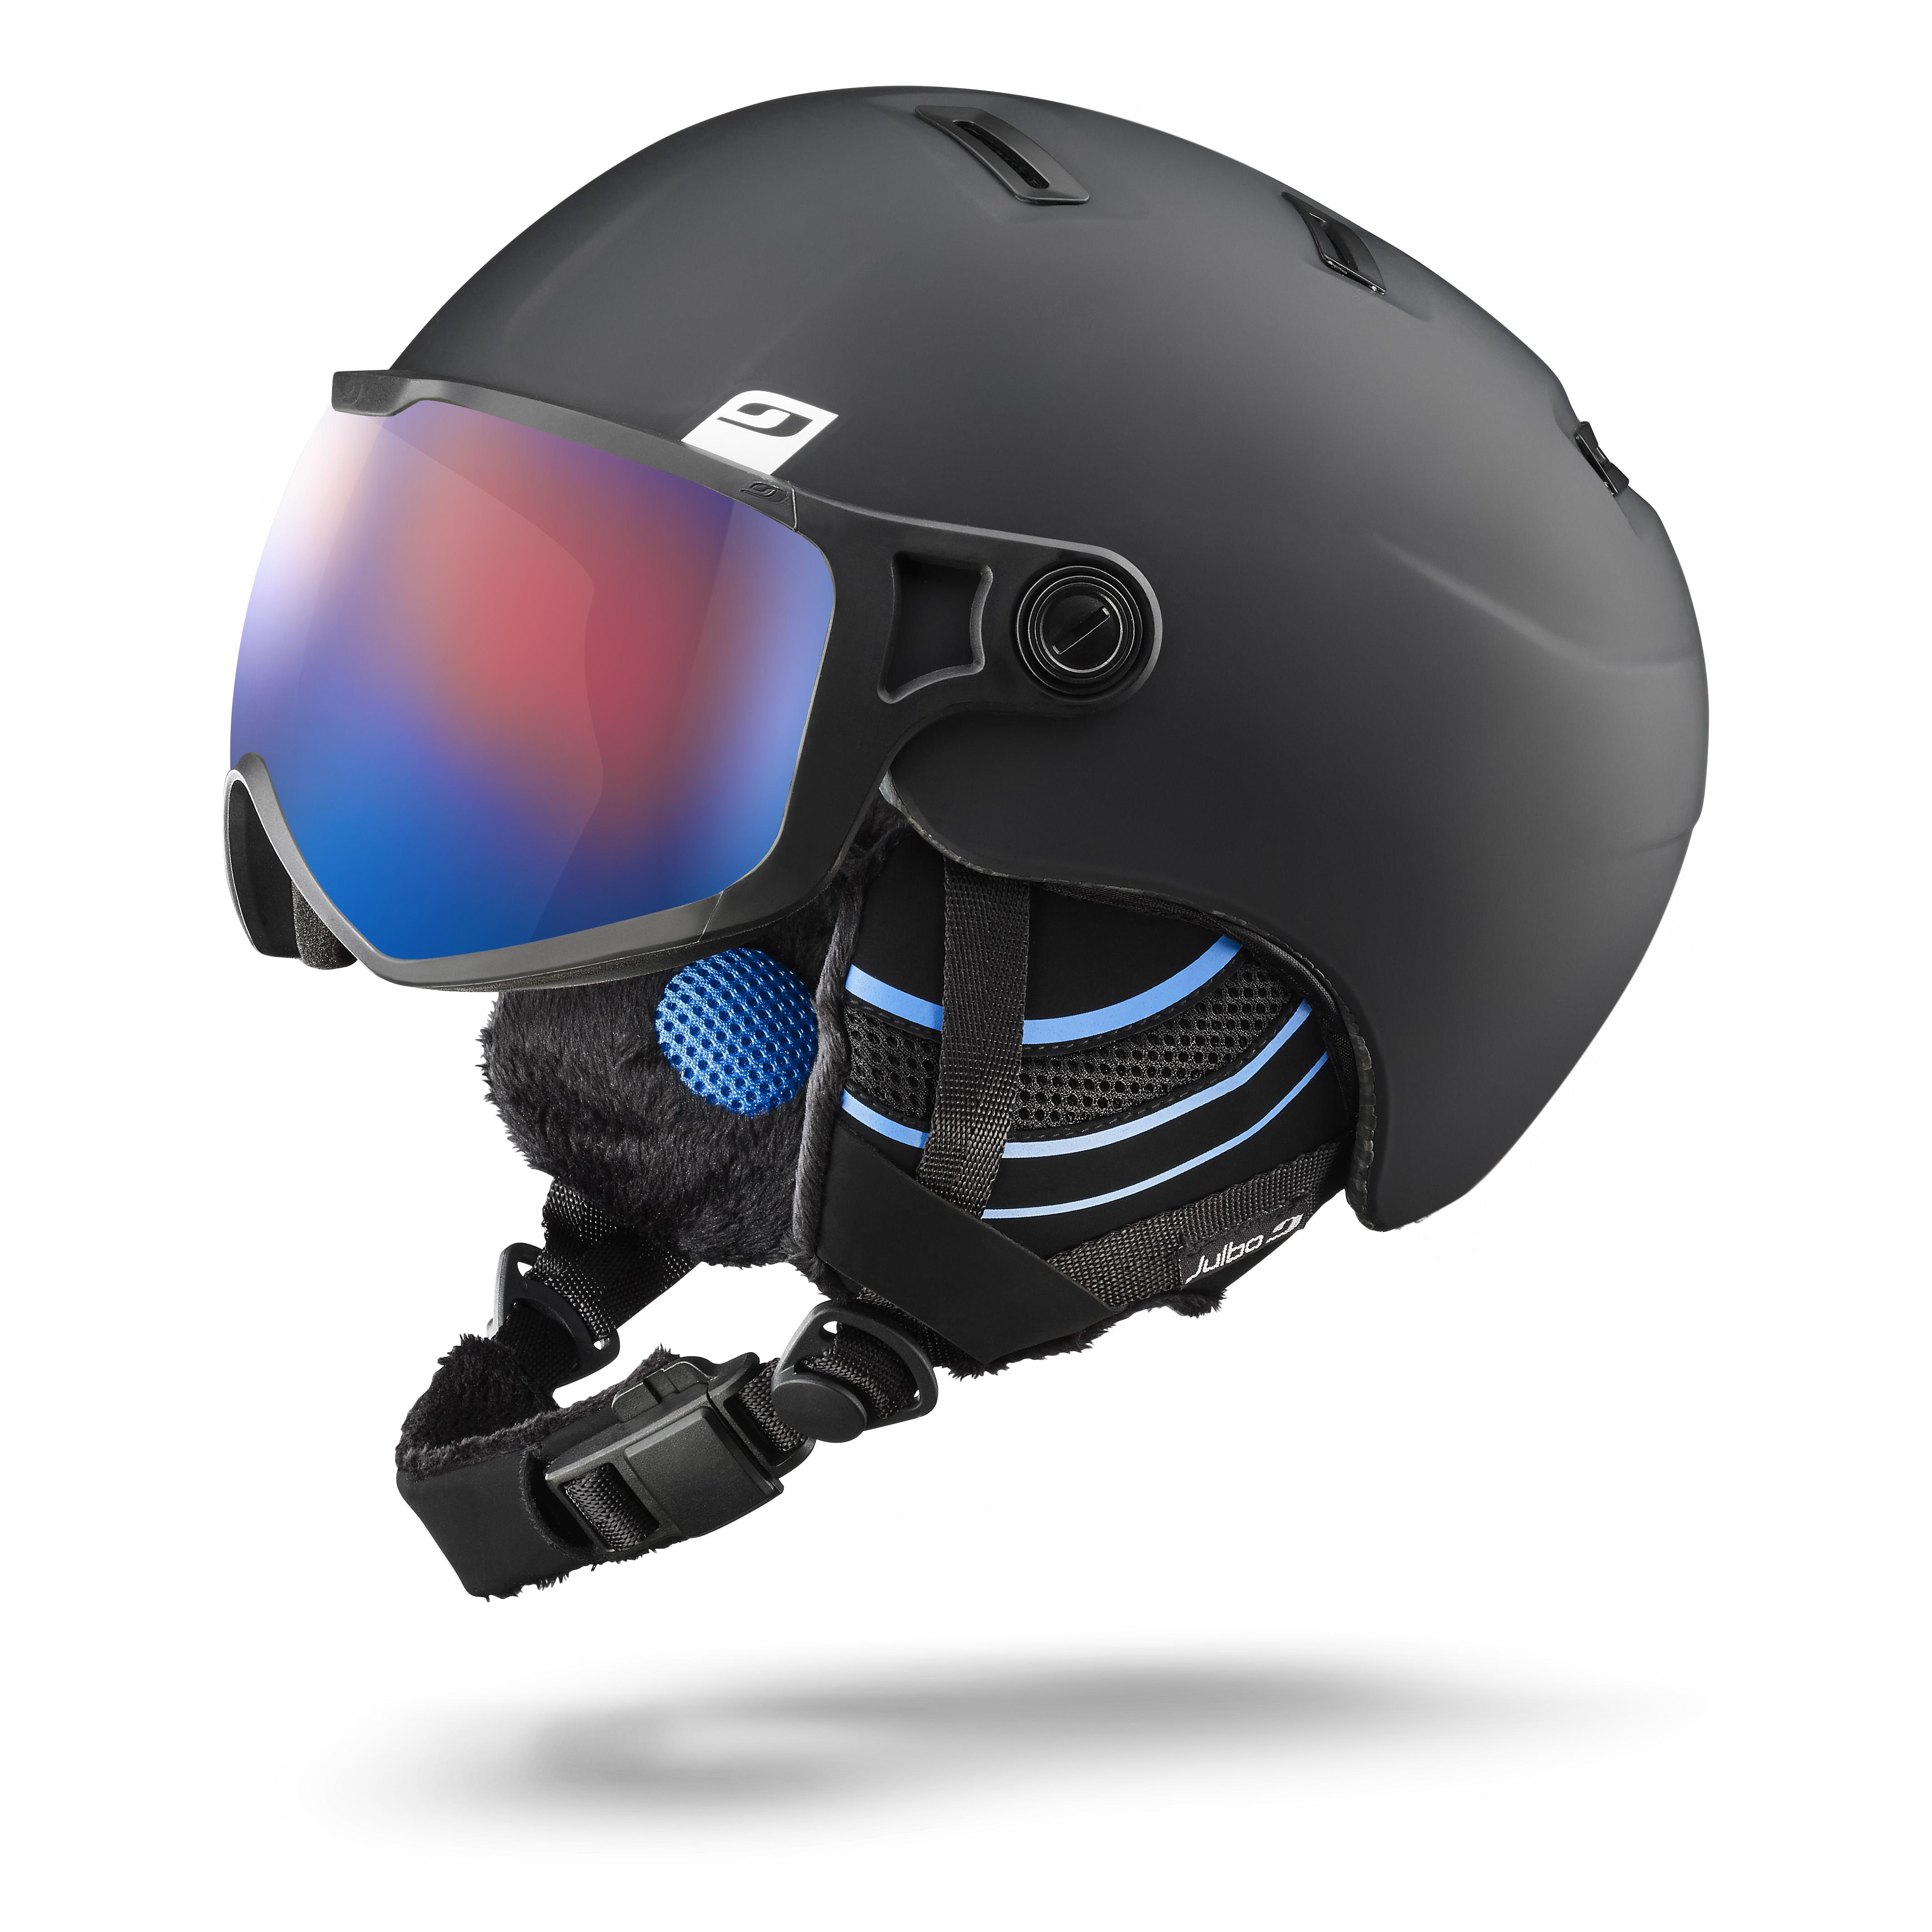 Image of   Julbo Strato Visor Helmet - black / blue Cat 3 Polarized Flash blue lens